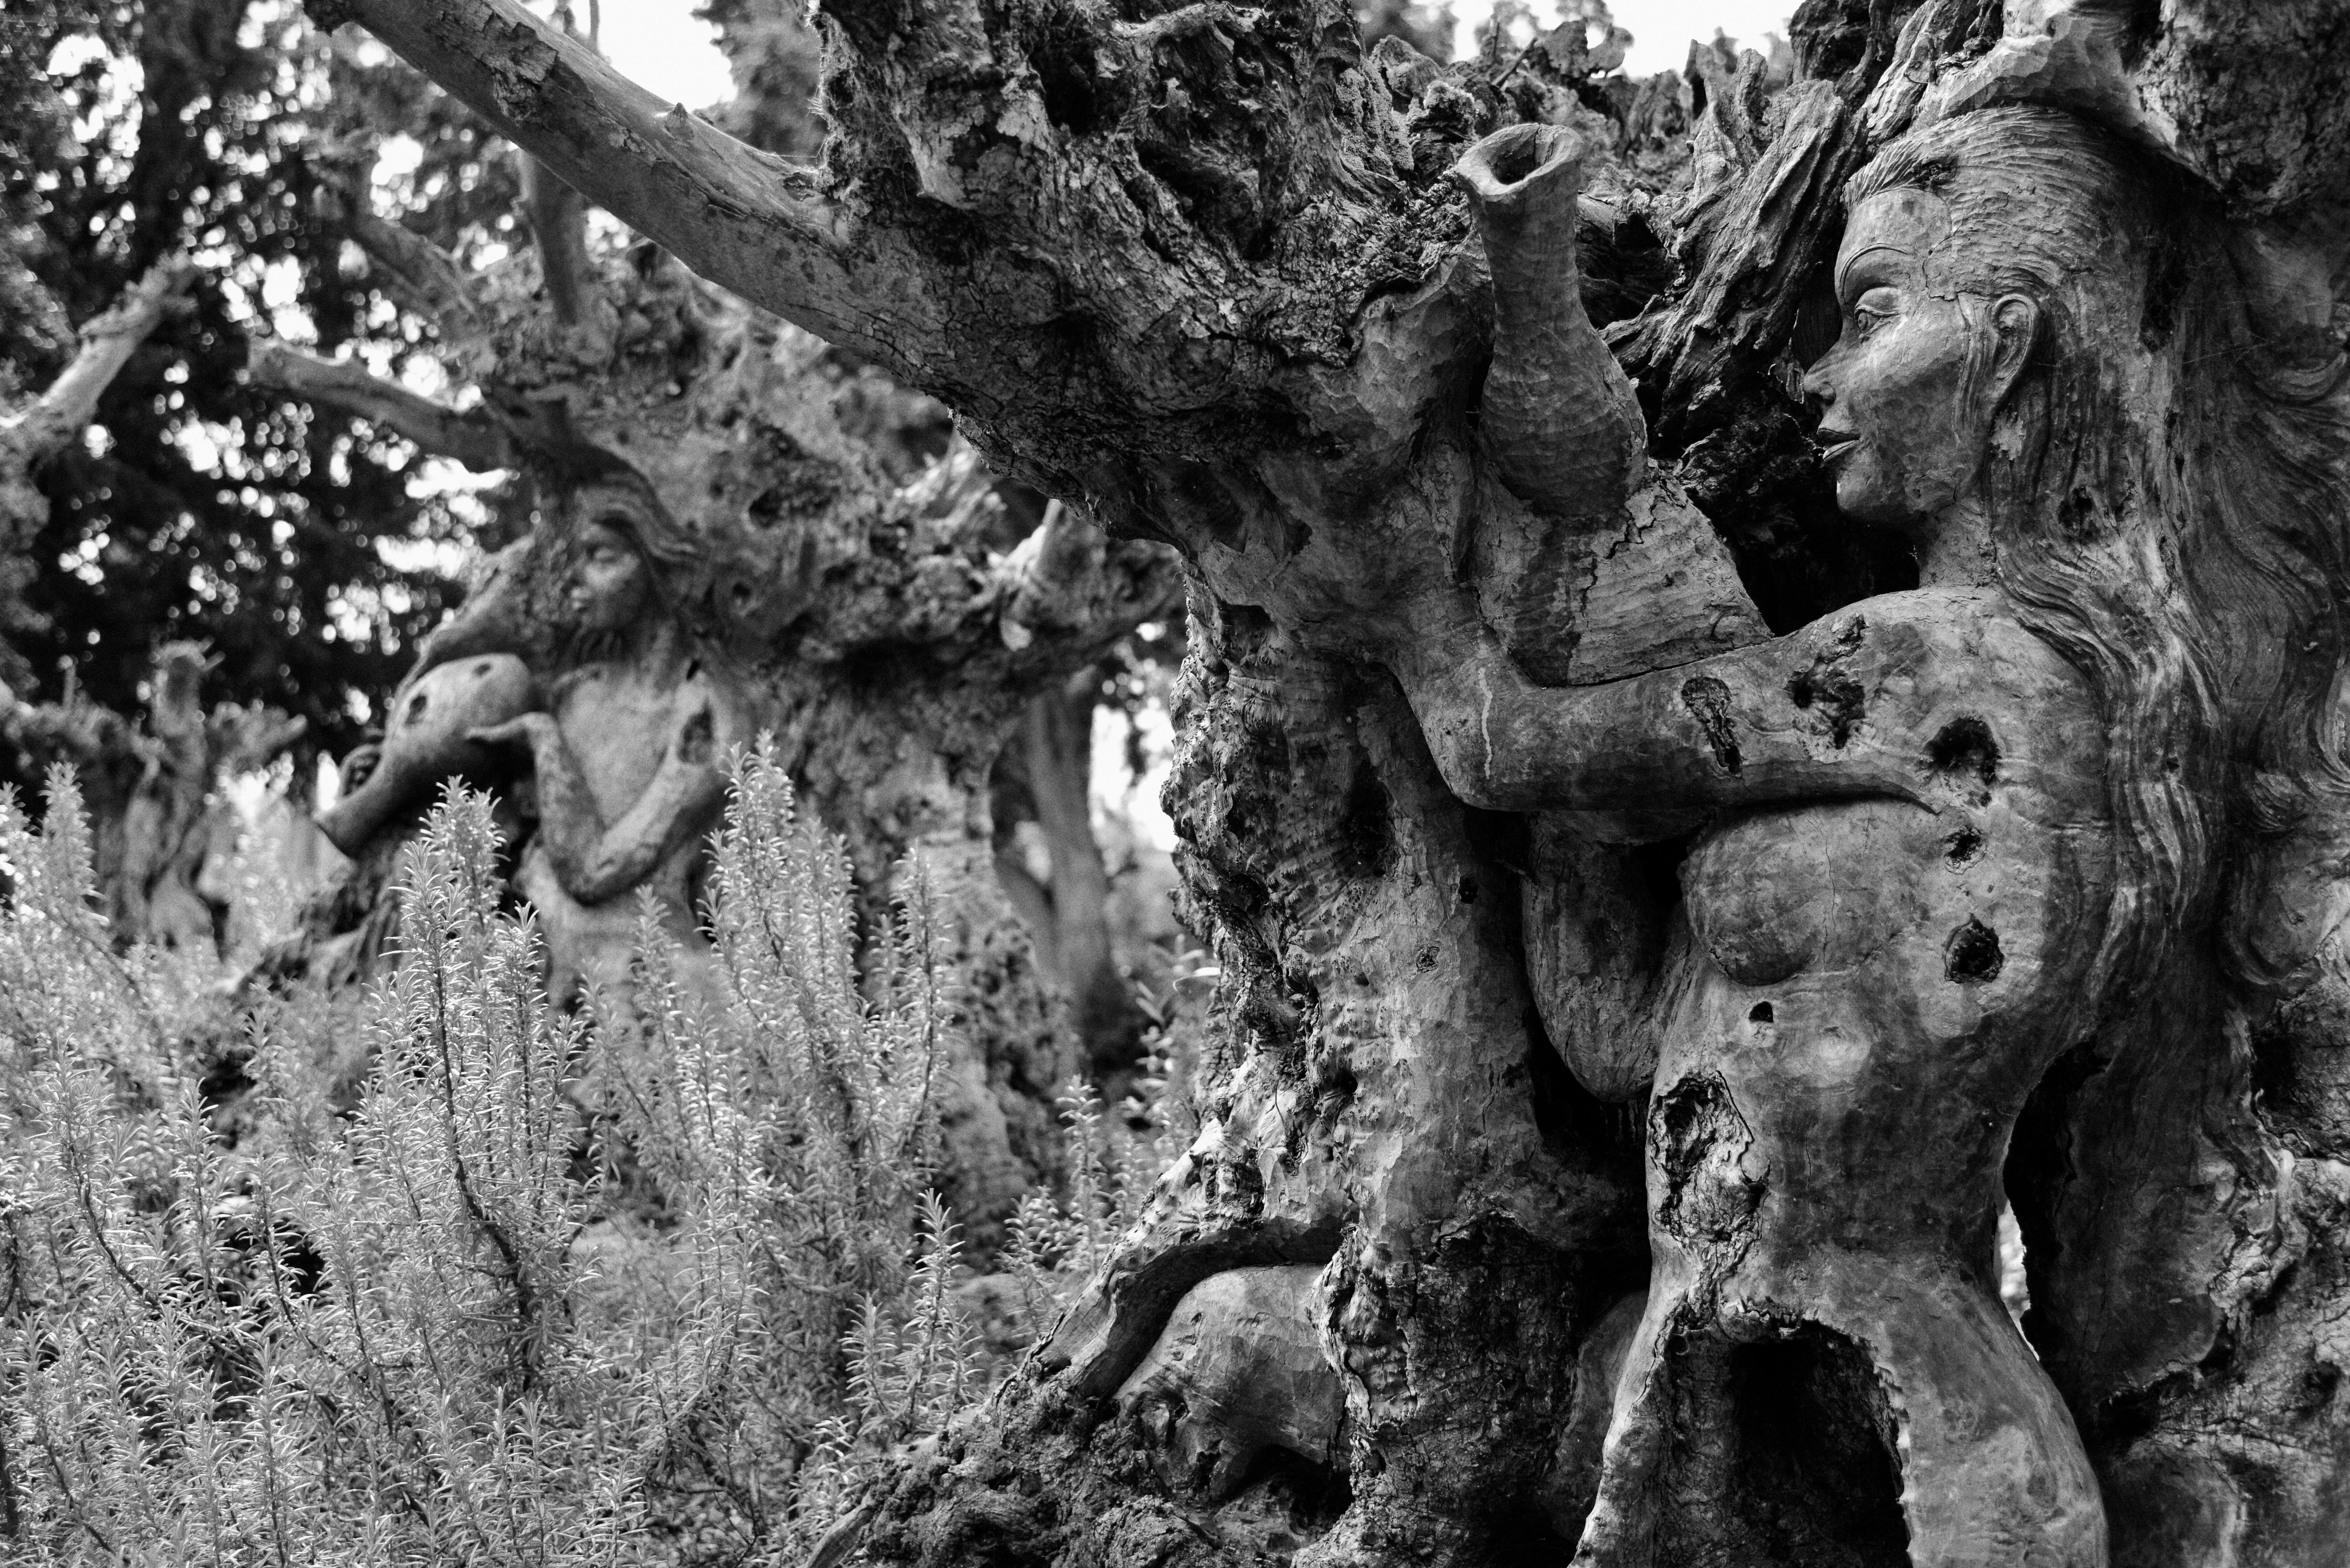 Tree people, 2016